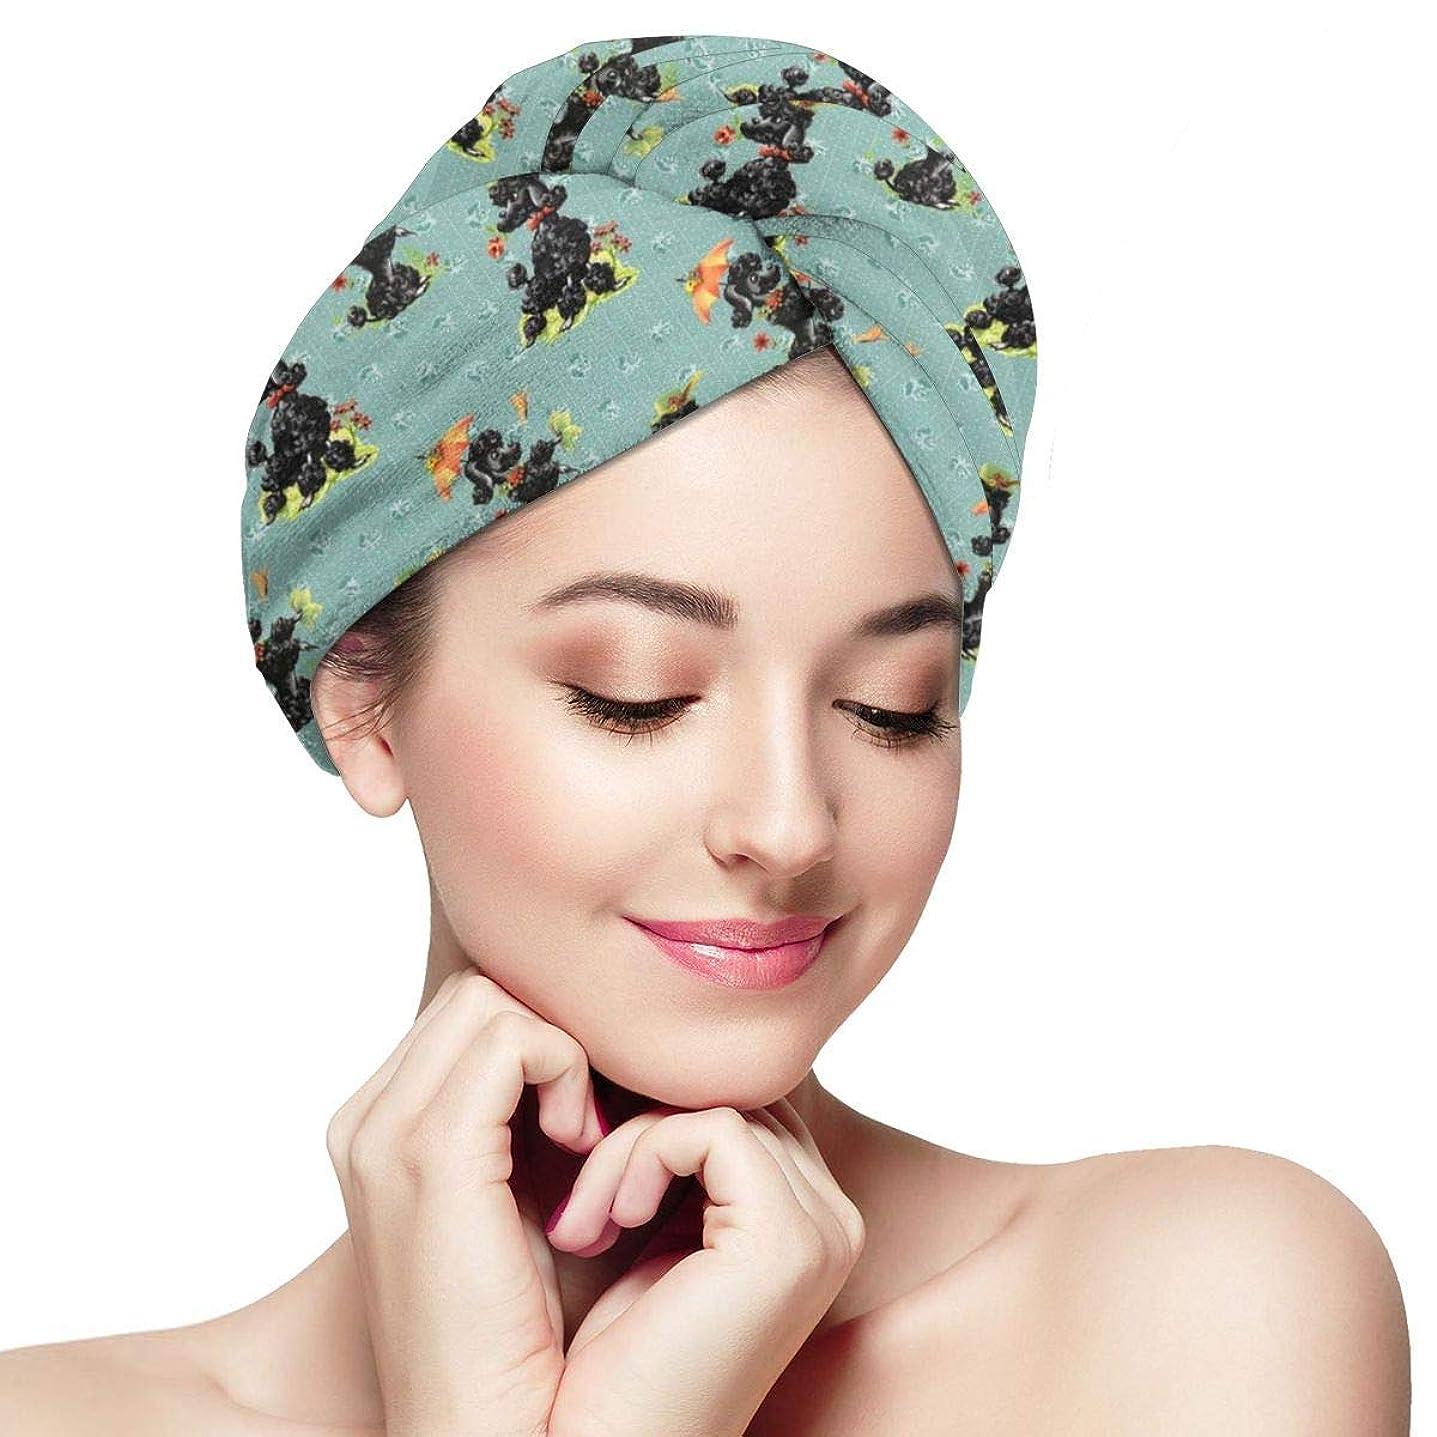 もっともらしい代表する複雑でないヘアドライヤタオルプリッシープードルグリーンラップターバンバスシャワーヘッドタオルボタン付きドライハット娘用吸収剤帽子太いハンズフリーヘア用アンチフリズ